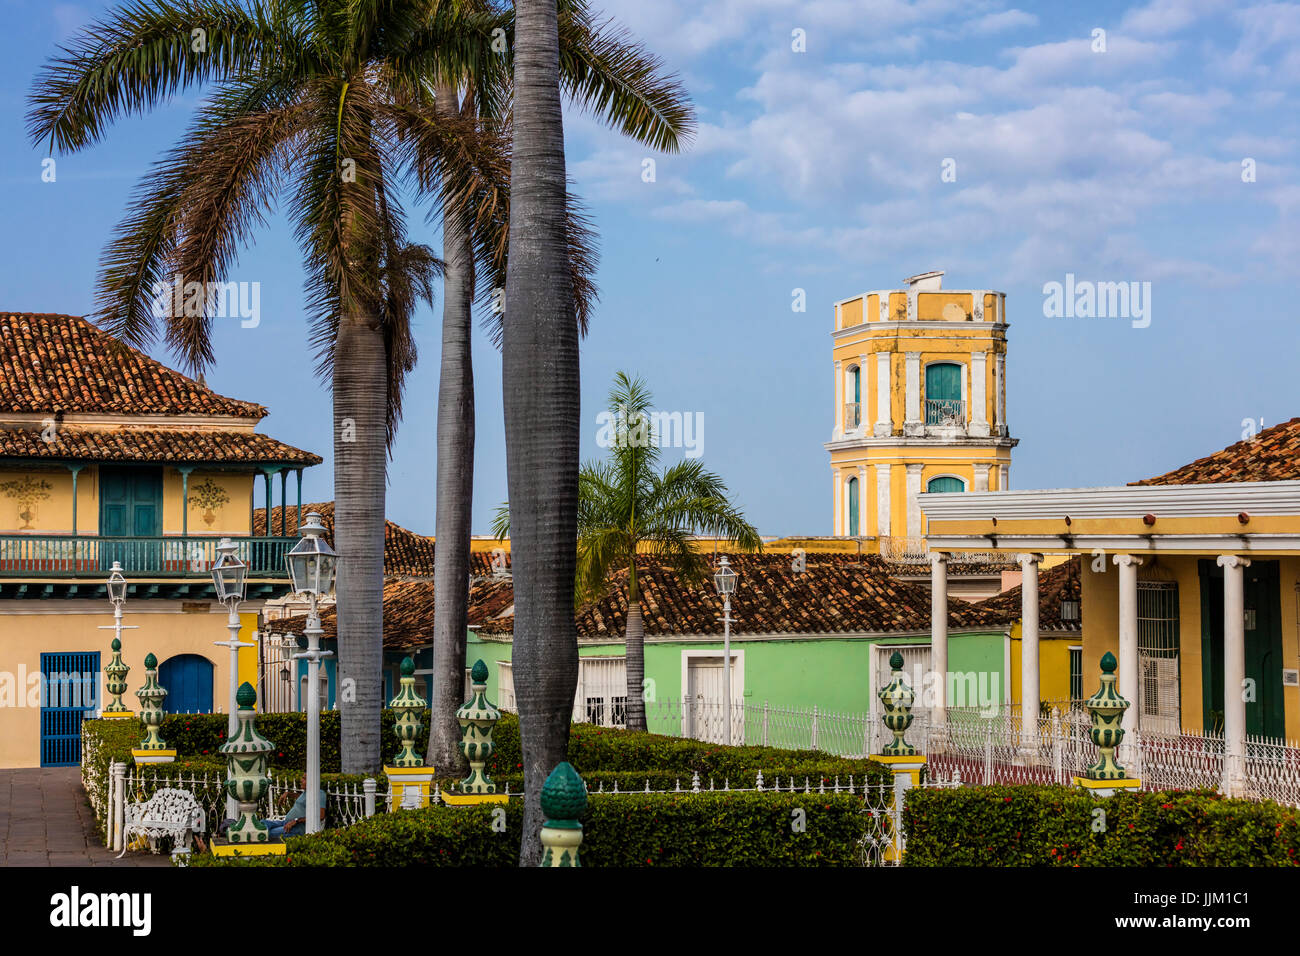 La Plaza Mayor se encuentra rodeada de edificios históricos en el corazón de la ciudad, Trinidad, Cuba Imagen De Stock